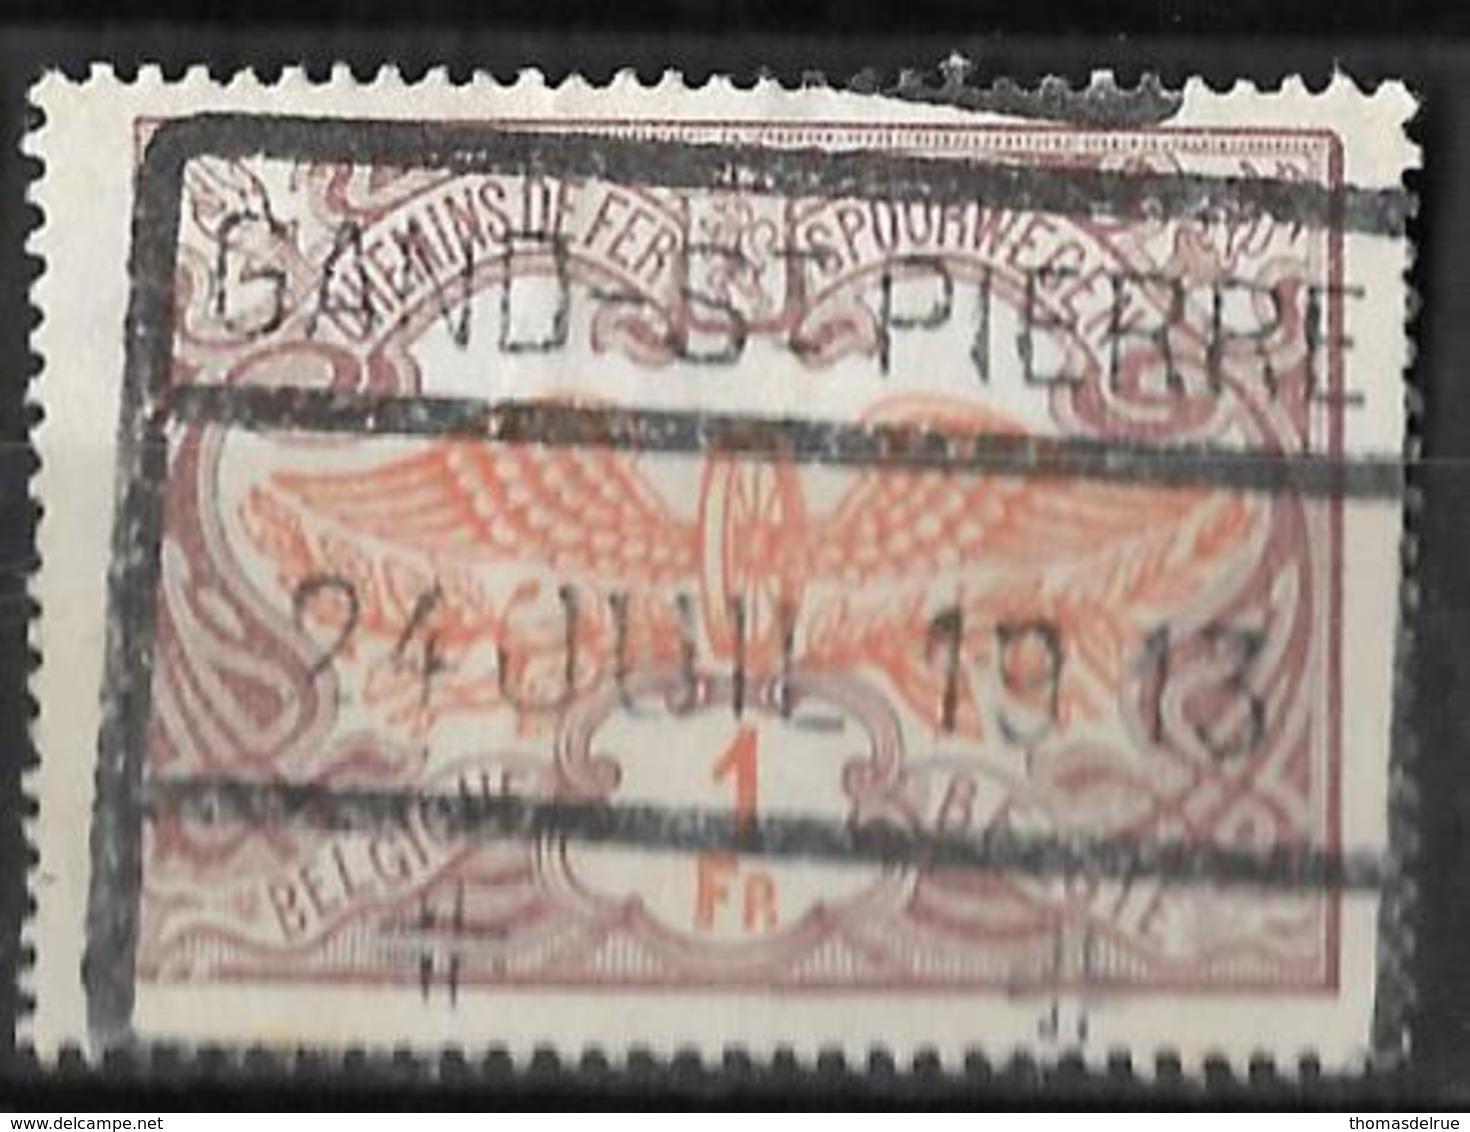 C0.220: GAND-ST.PIERRE: TR41 : Type D-s_k - Chemins De Fer